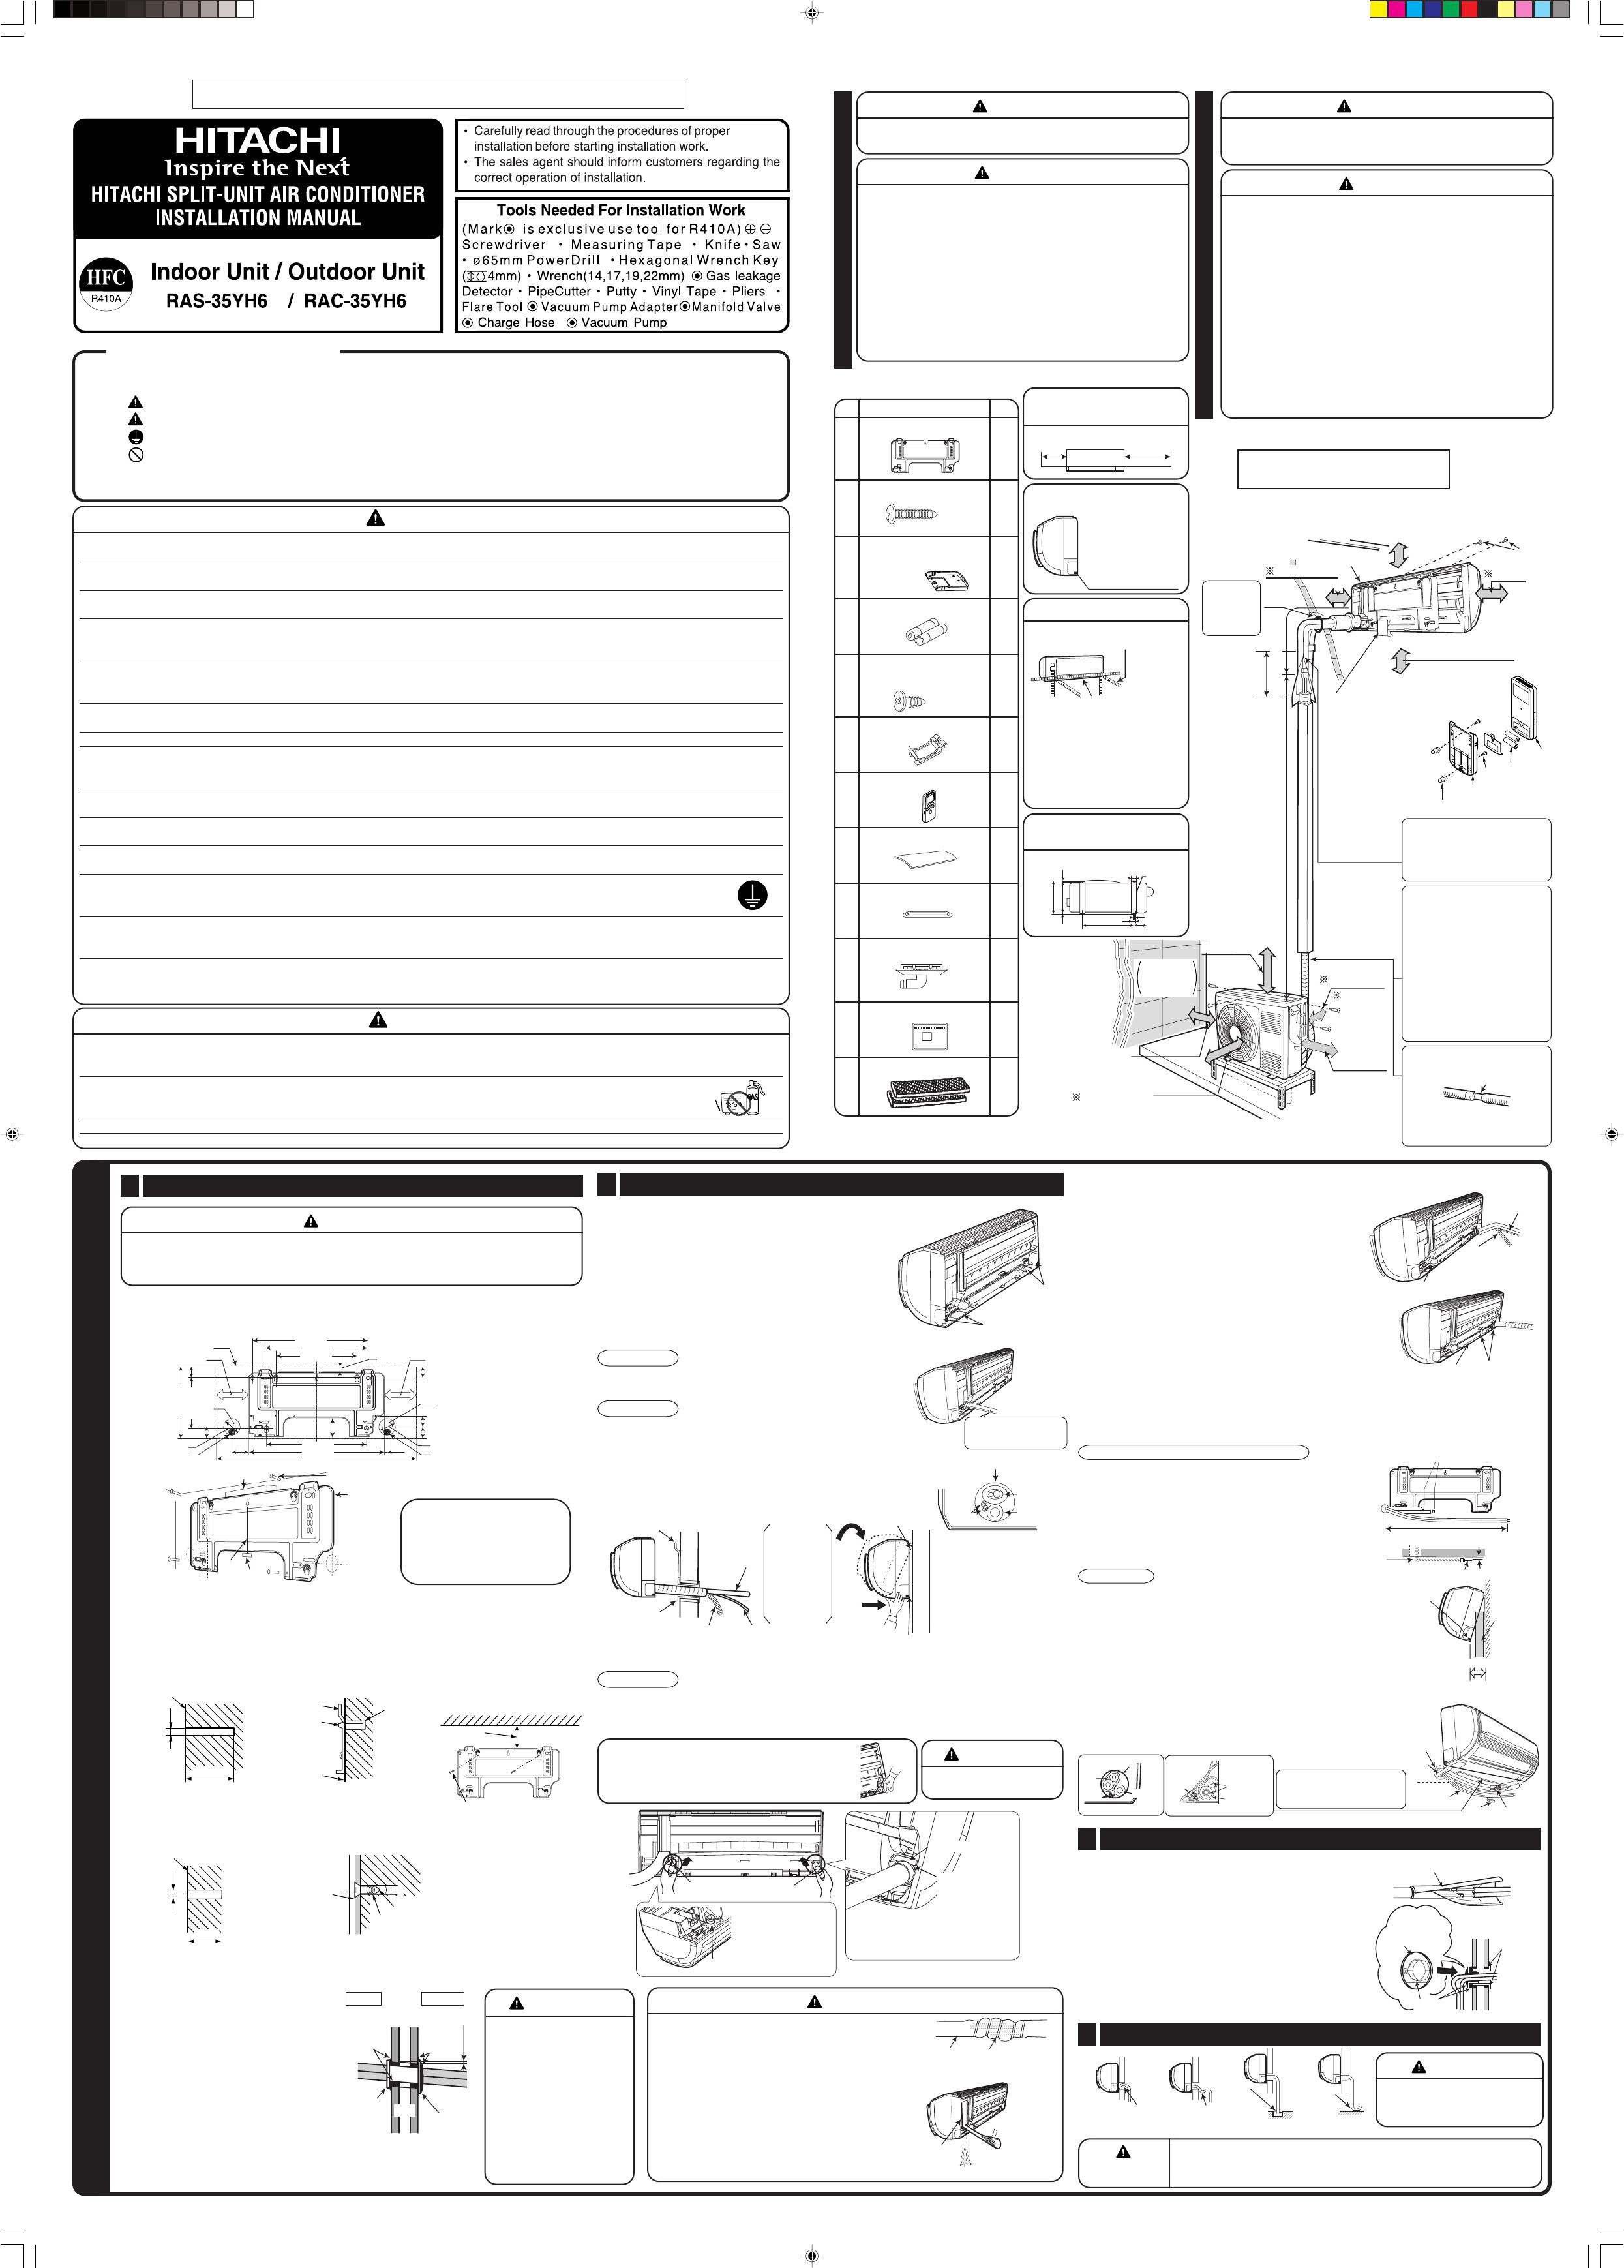 Ti Jaguar Frc Wiring Diagram | Wiring Library - Frc Wiring Diagram